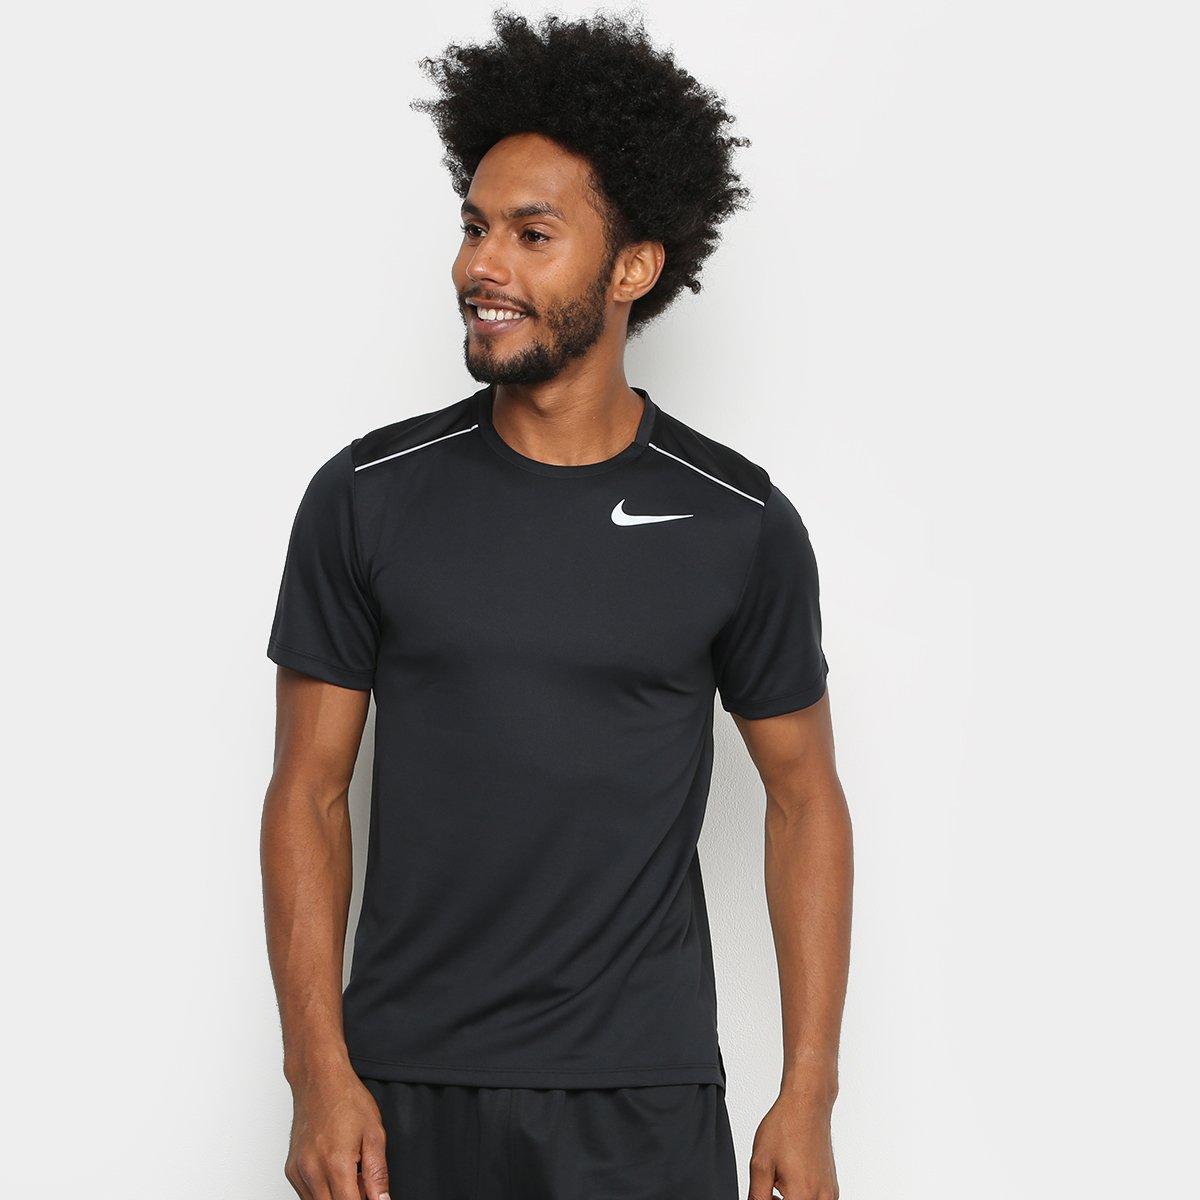 78cb3001f35 Camiseta Nike Dry Miler Ss Mascunina - Preto - Compre Agora